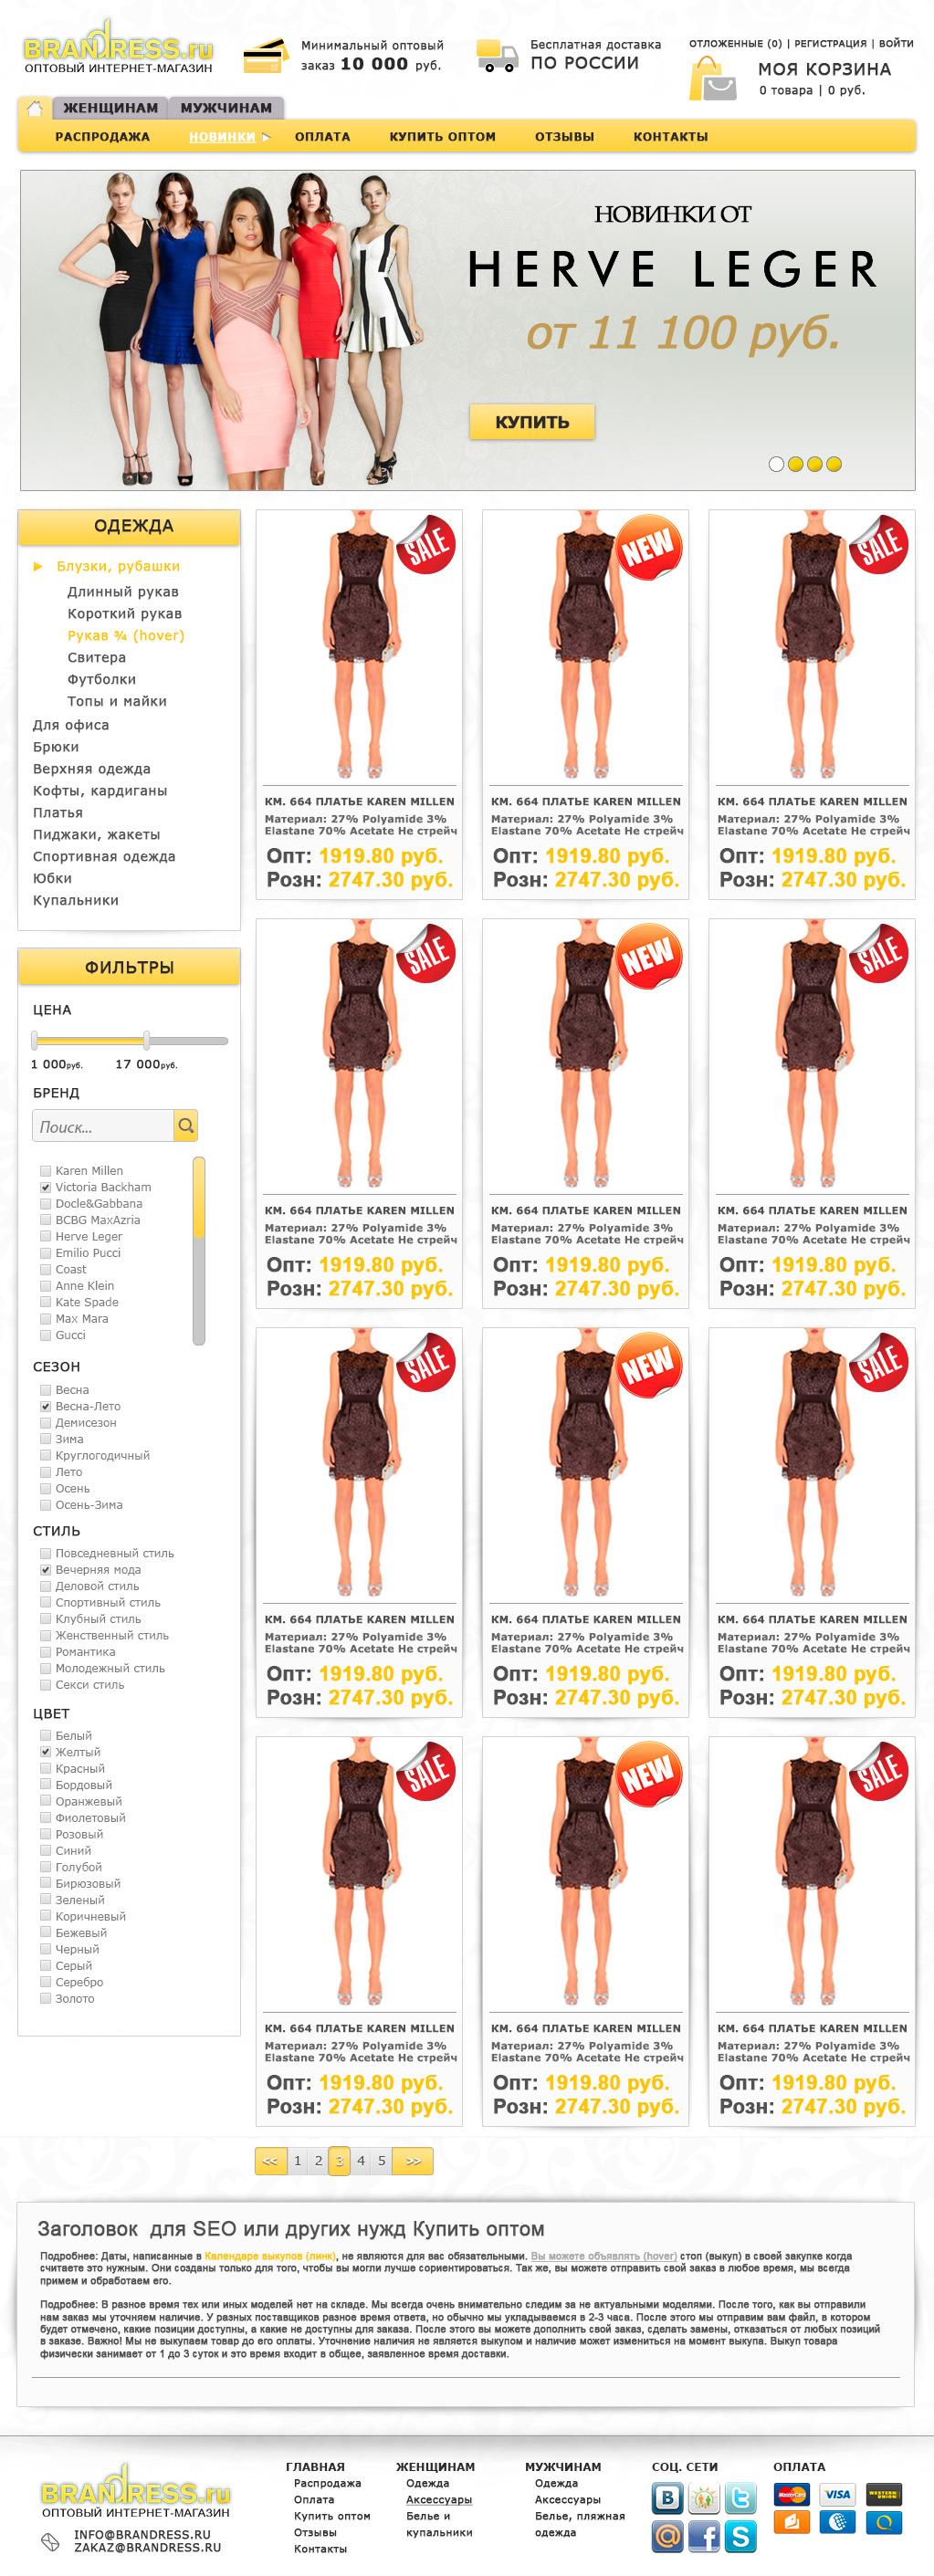 Редизайн сайта http://www.brandress.ru/